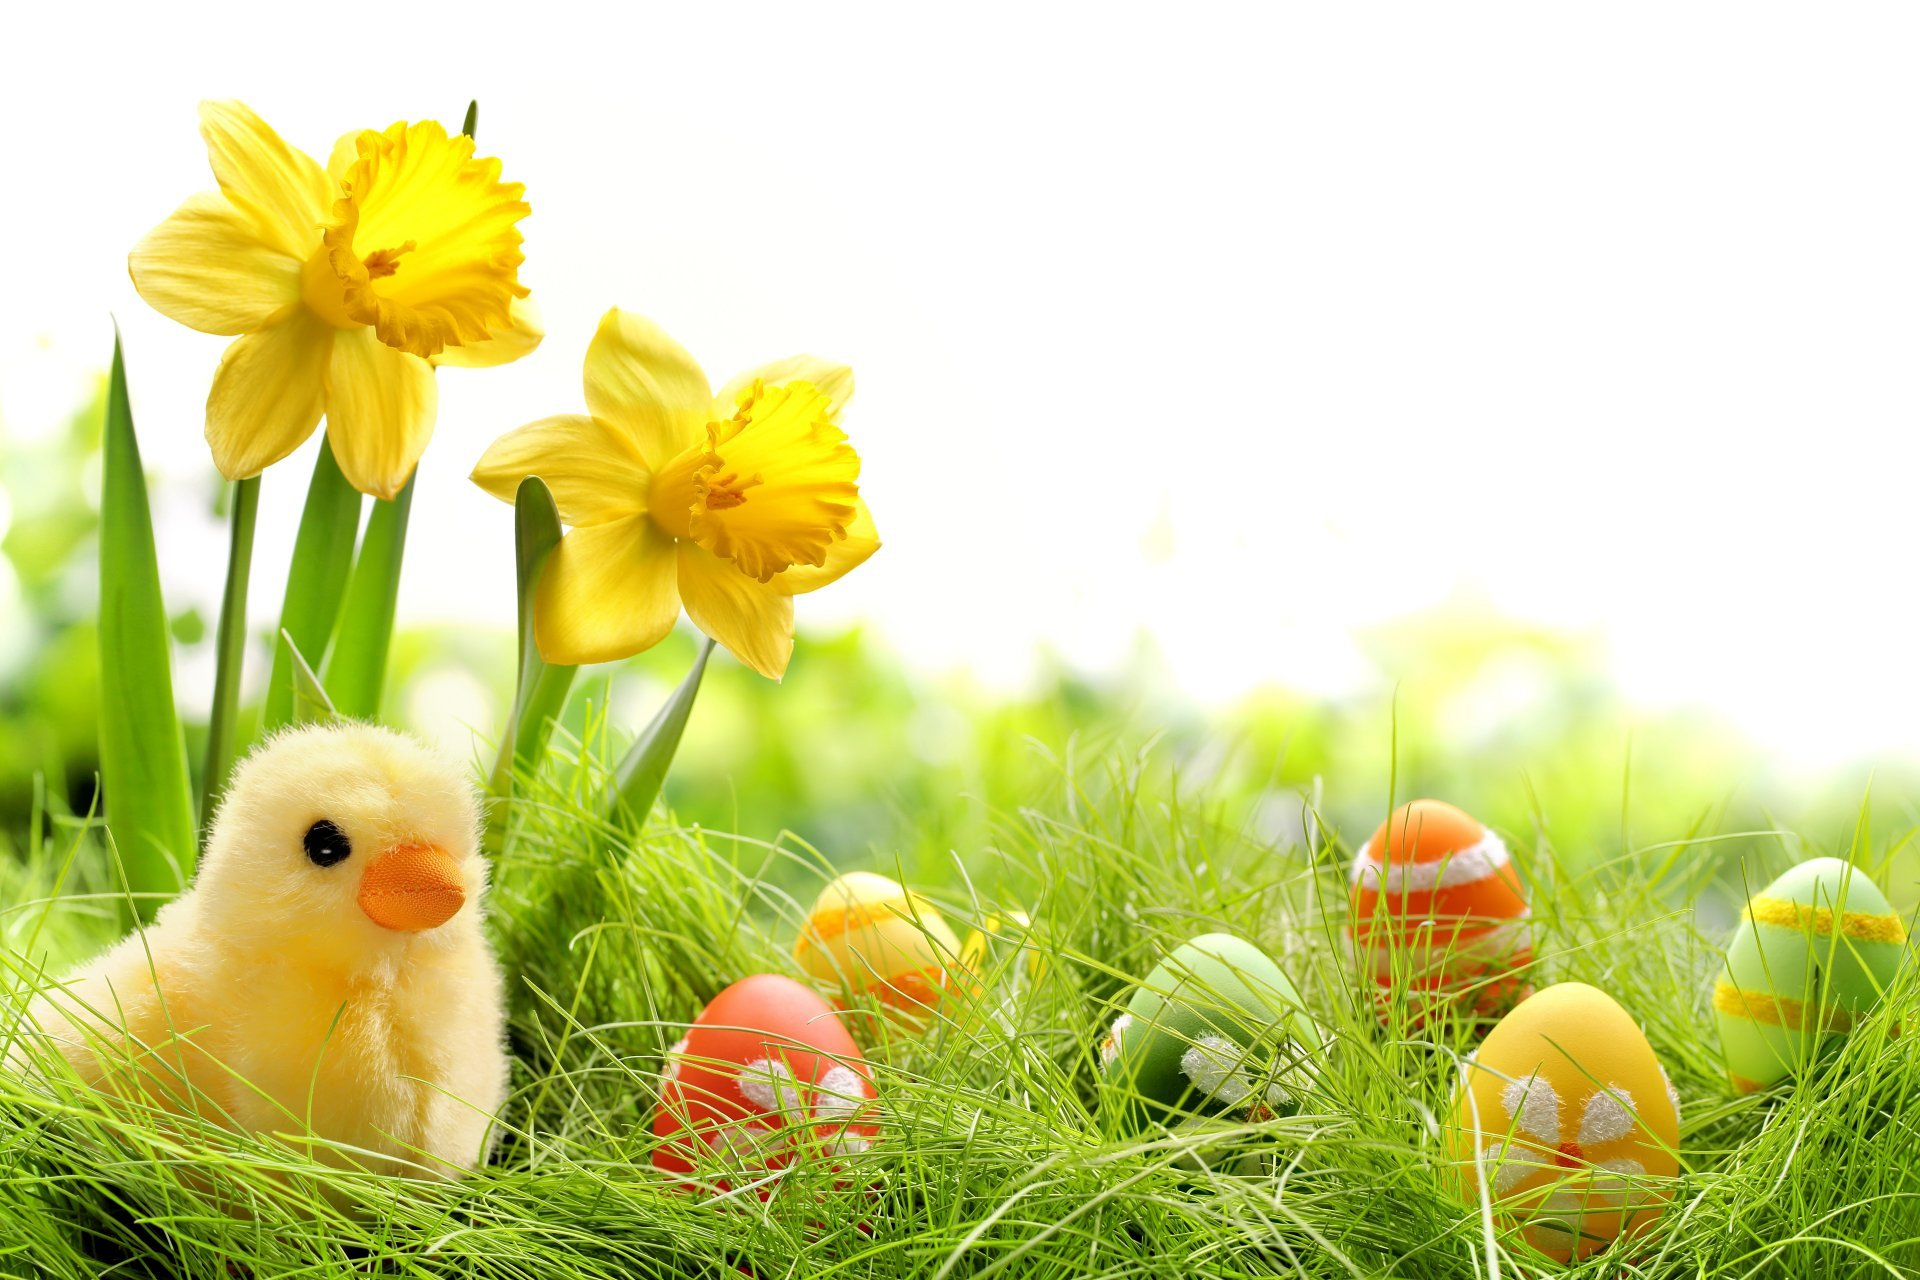 easter flower 19 free wallpaper hdflowerwallpaper com